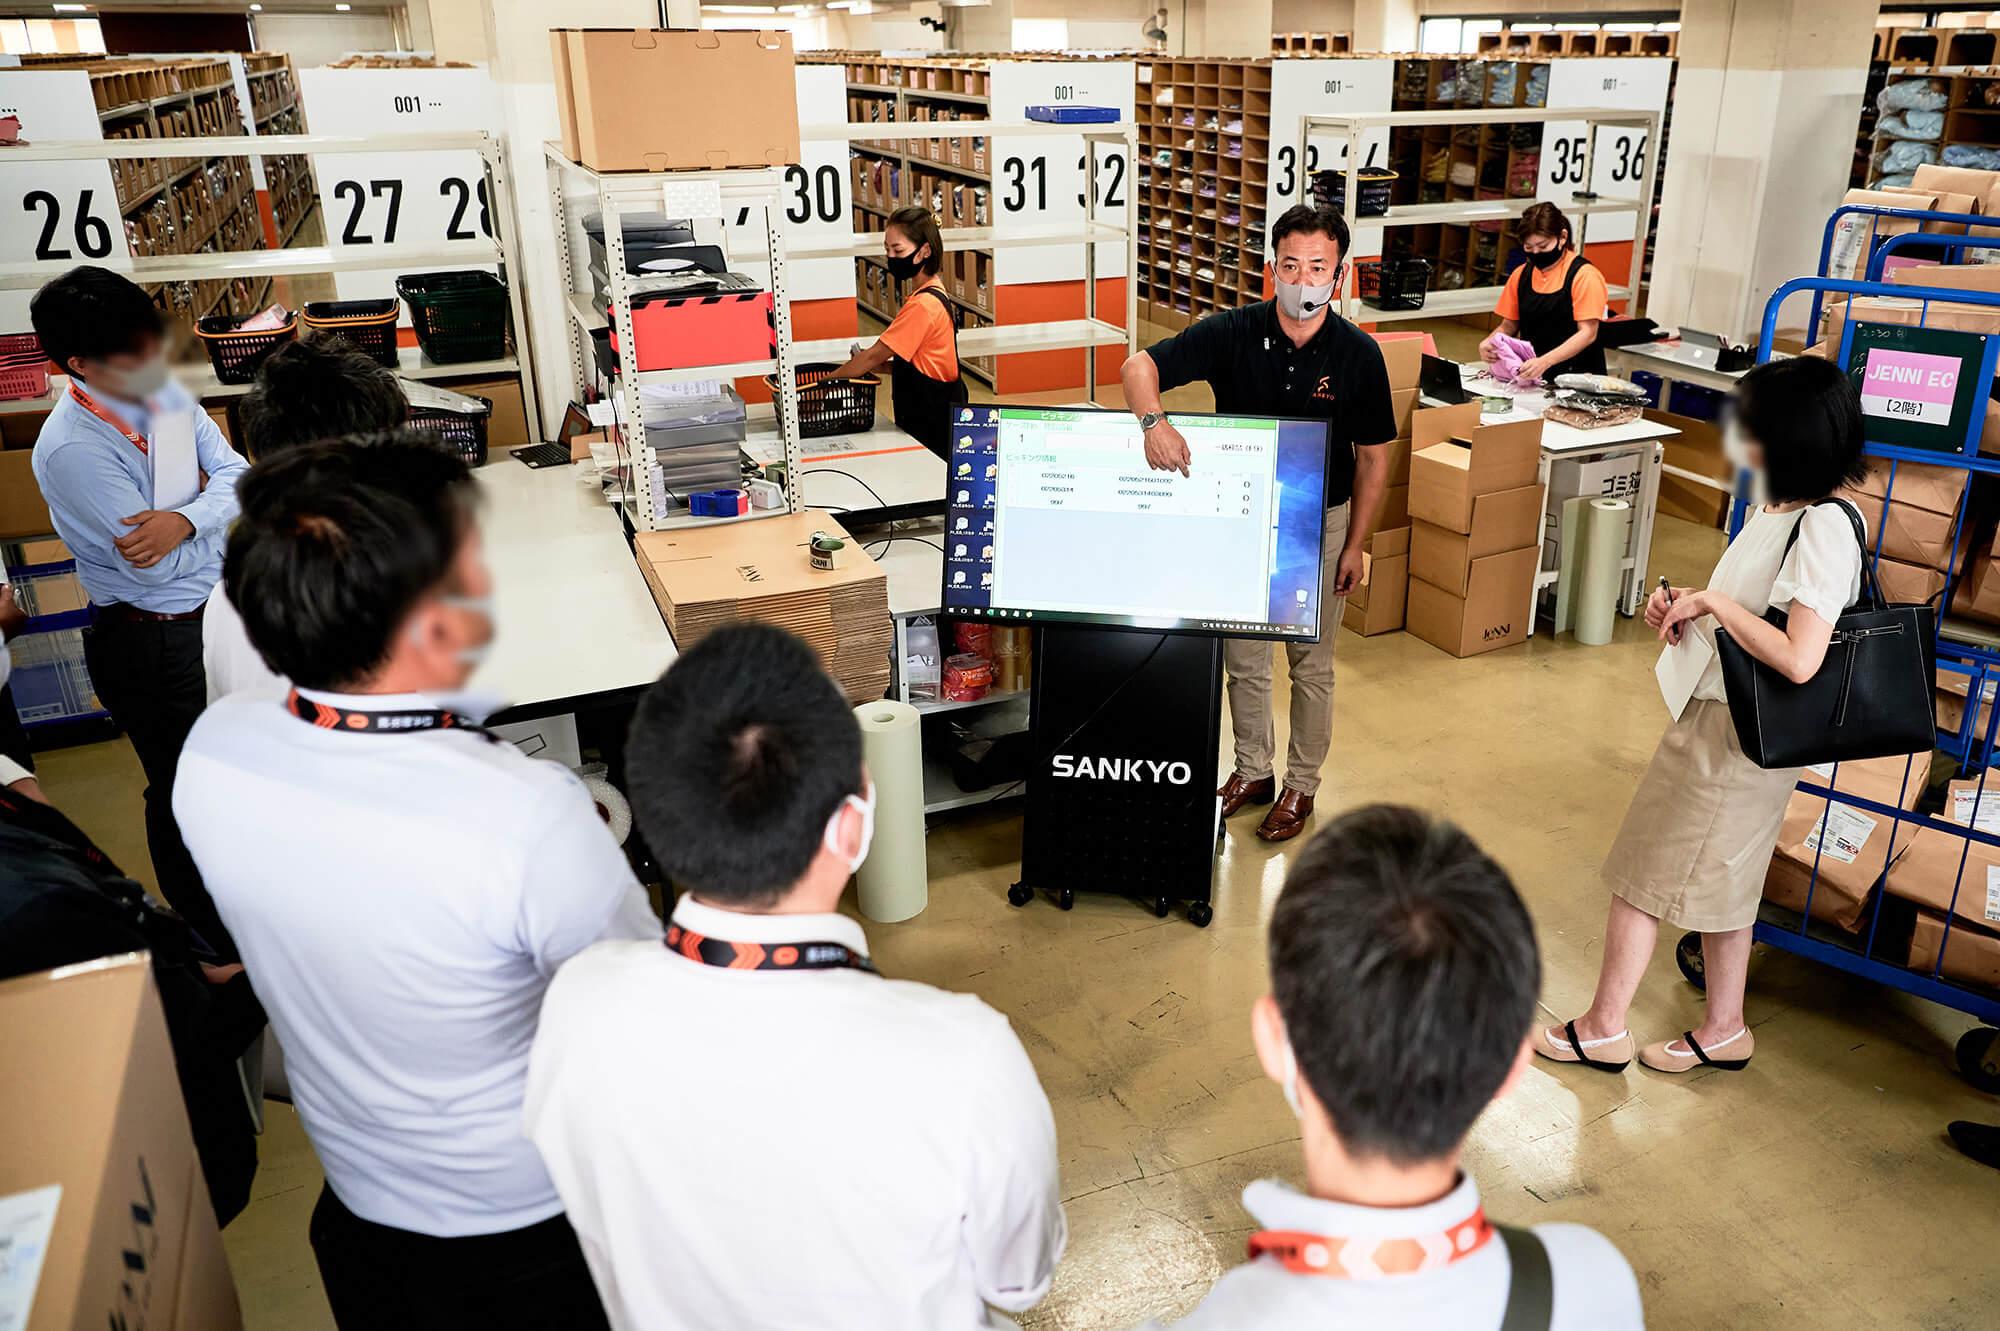 倉庫内で作業をしているスタッフを背景に、大勢のお客様に対し、キャスター付きの大きなモニターを使い説明をしているスタッフの様子